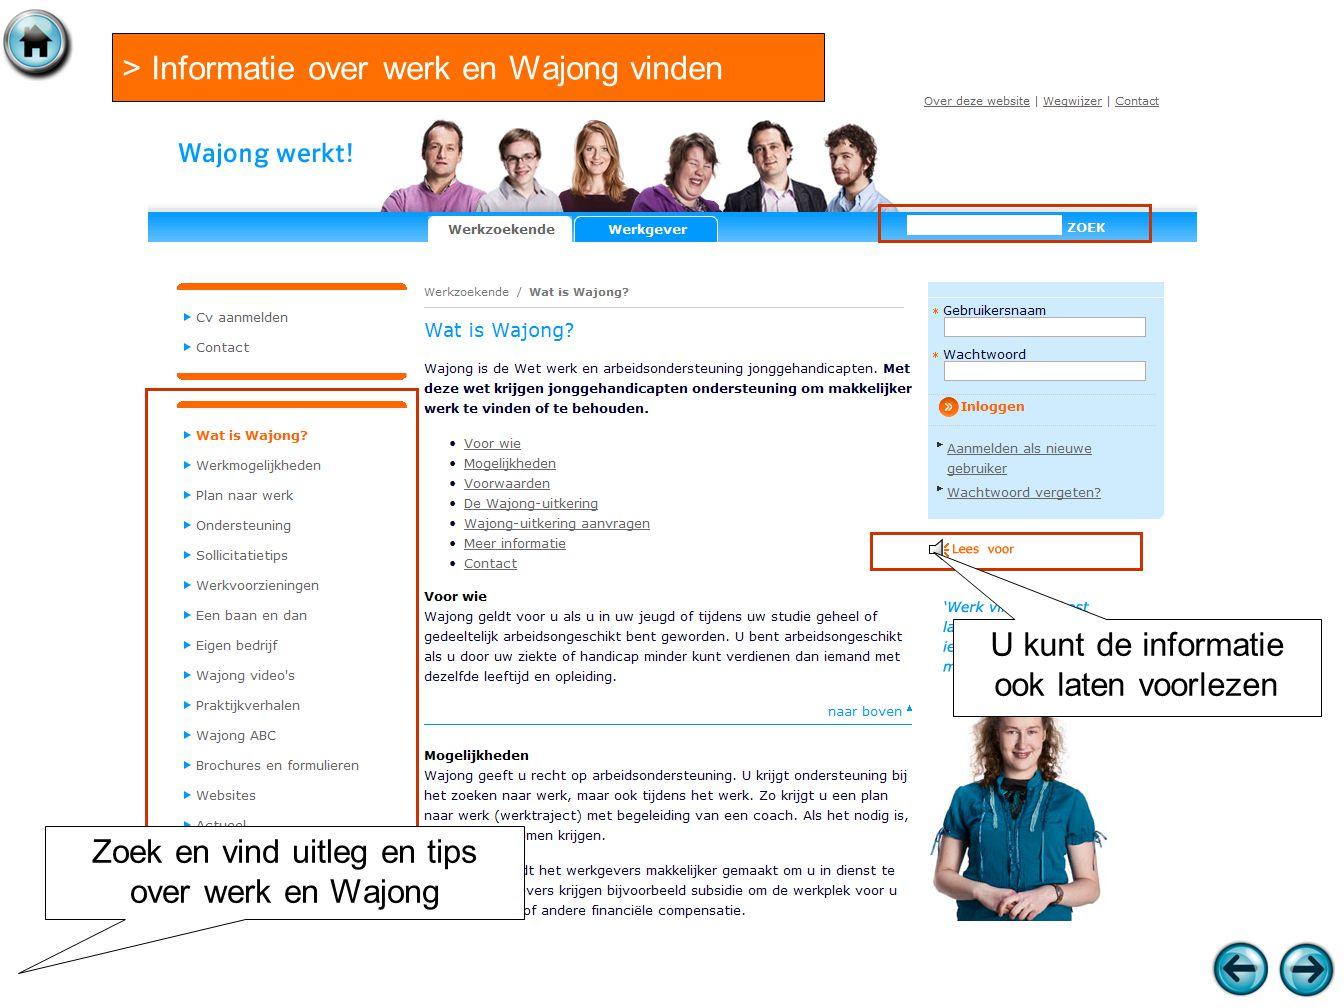 > Informatie over werk en Wajong vinden